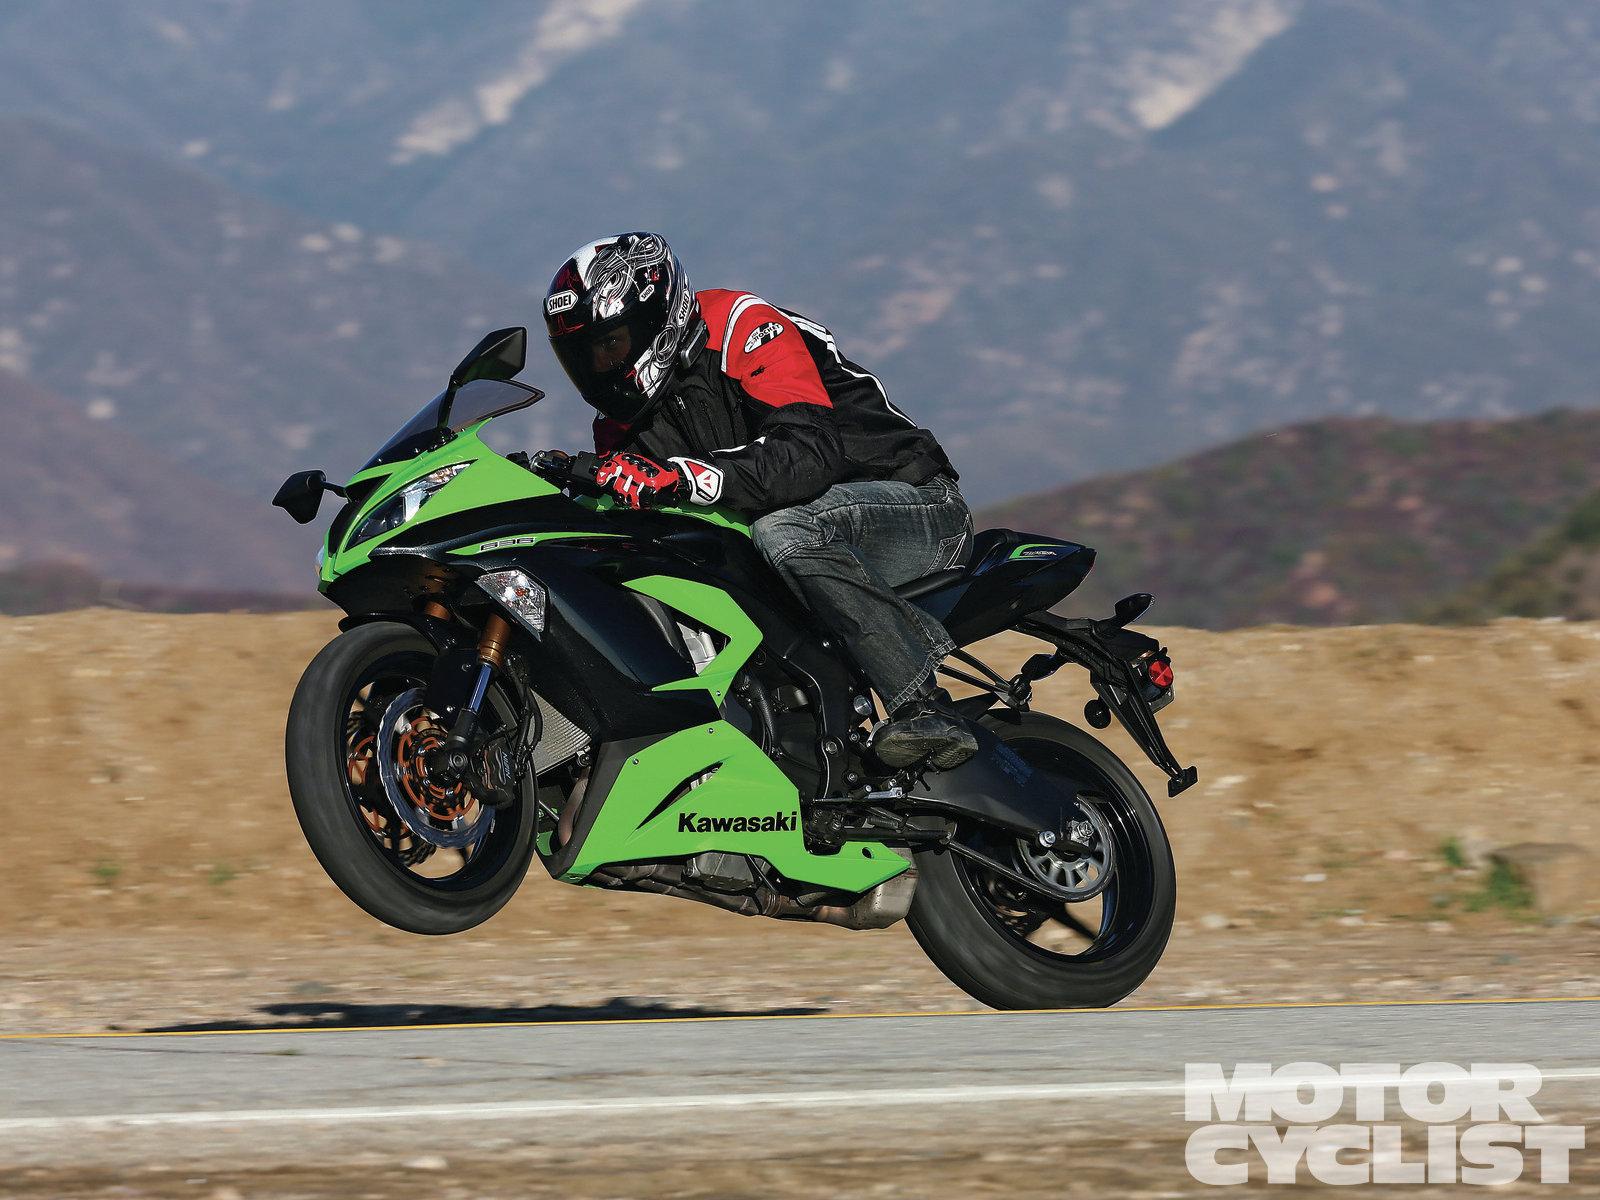 2013 Kawasaki Ninja Zx 6r Review 2013 Zx 6r 636cc Road Test